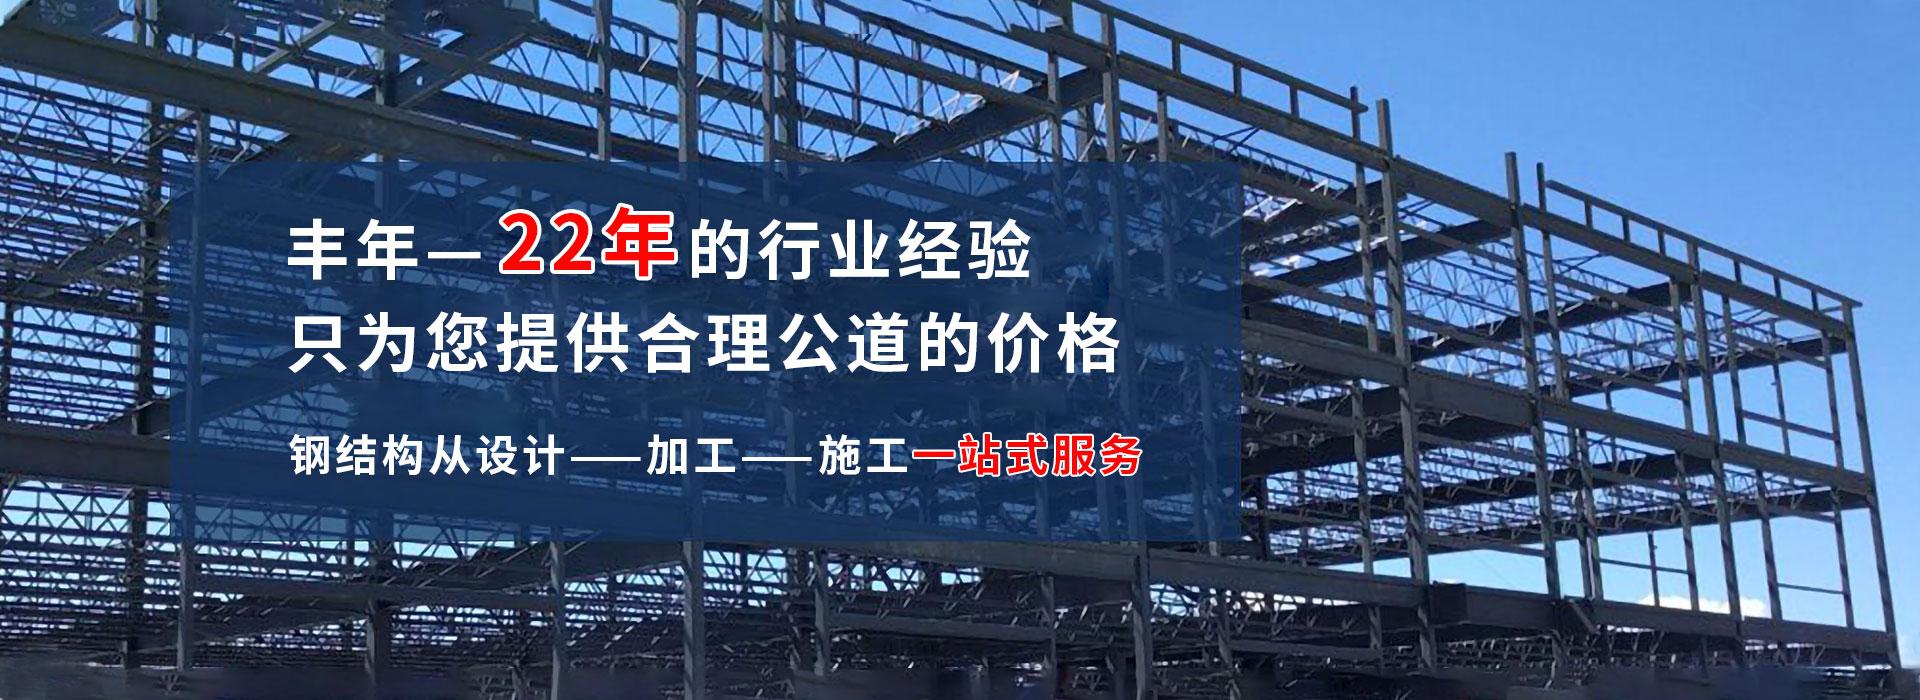 需要鋼結構加工產品的可以聯系我們鋼結構廠家